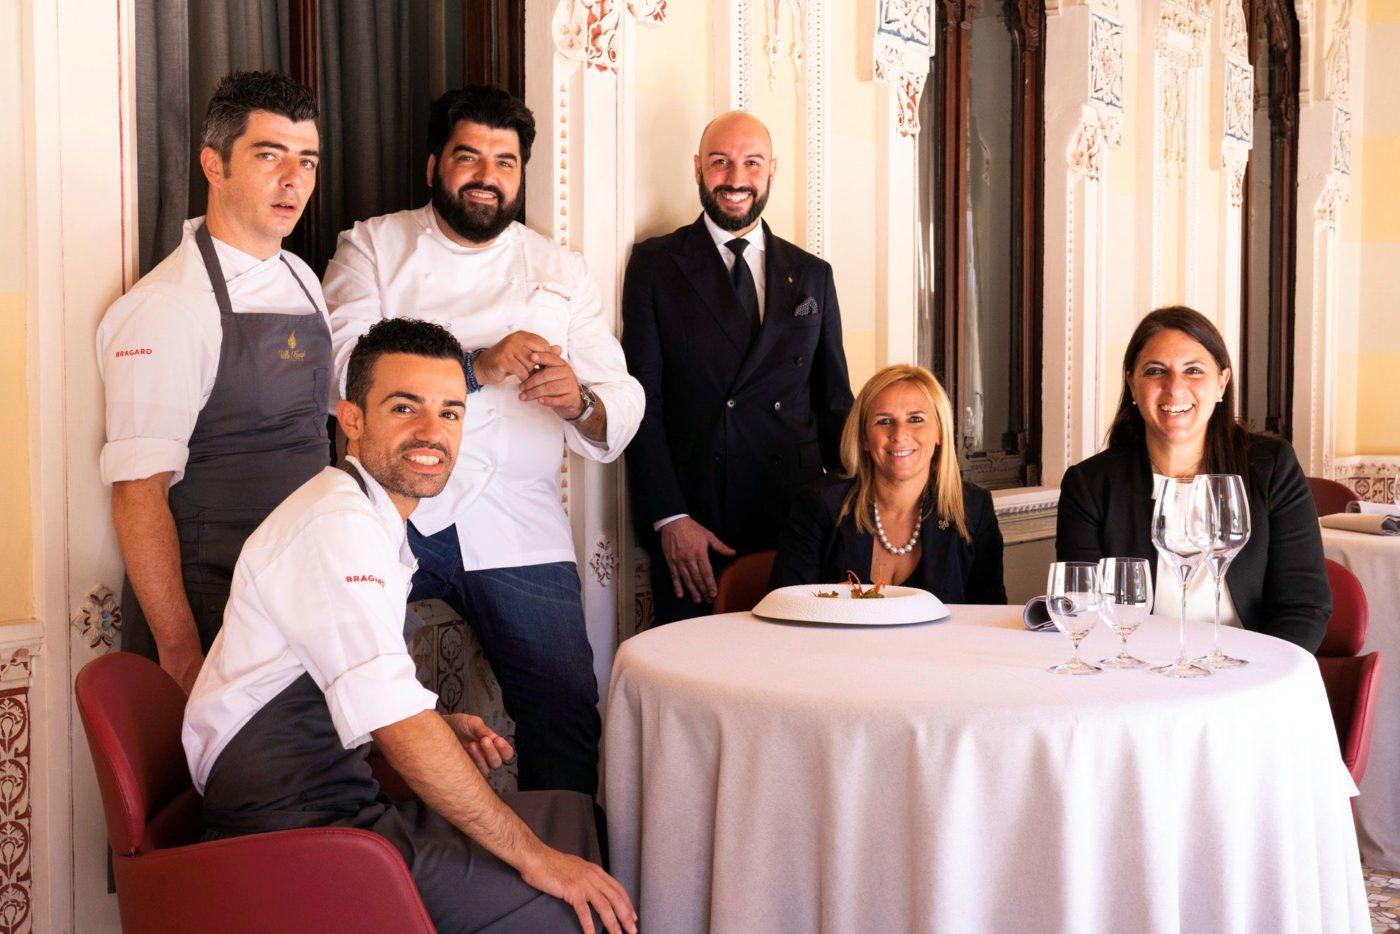 Antonino Cannavacciuolo con la moglie Cinzia e il suo staff